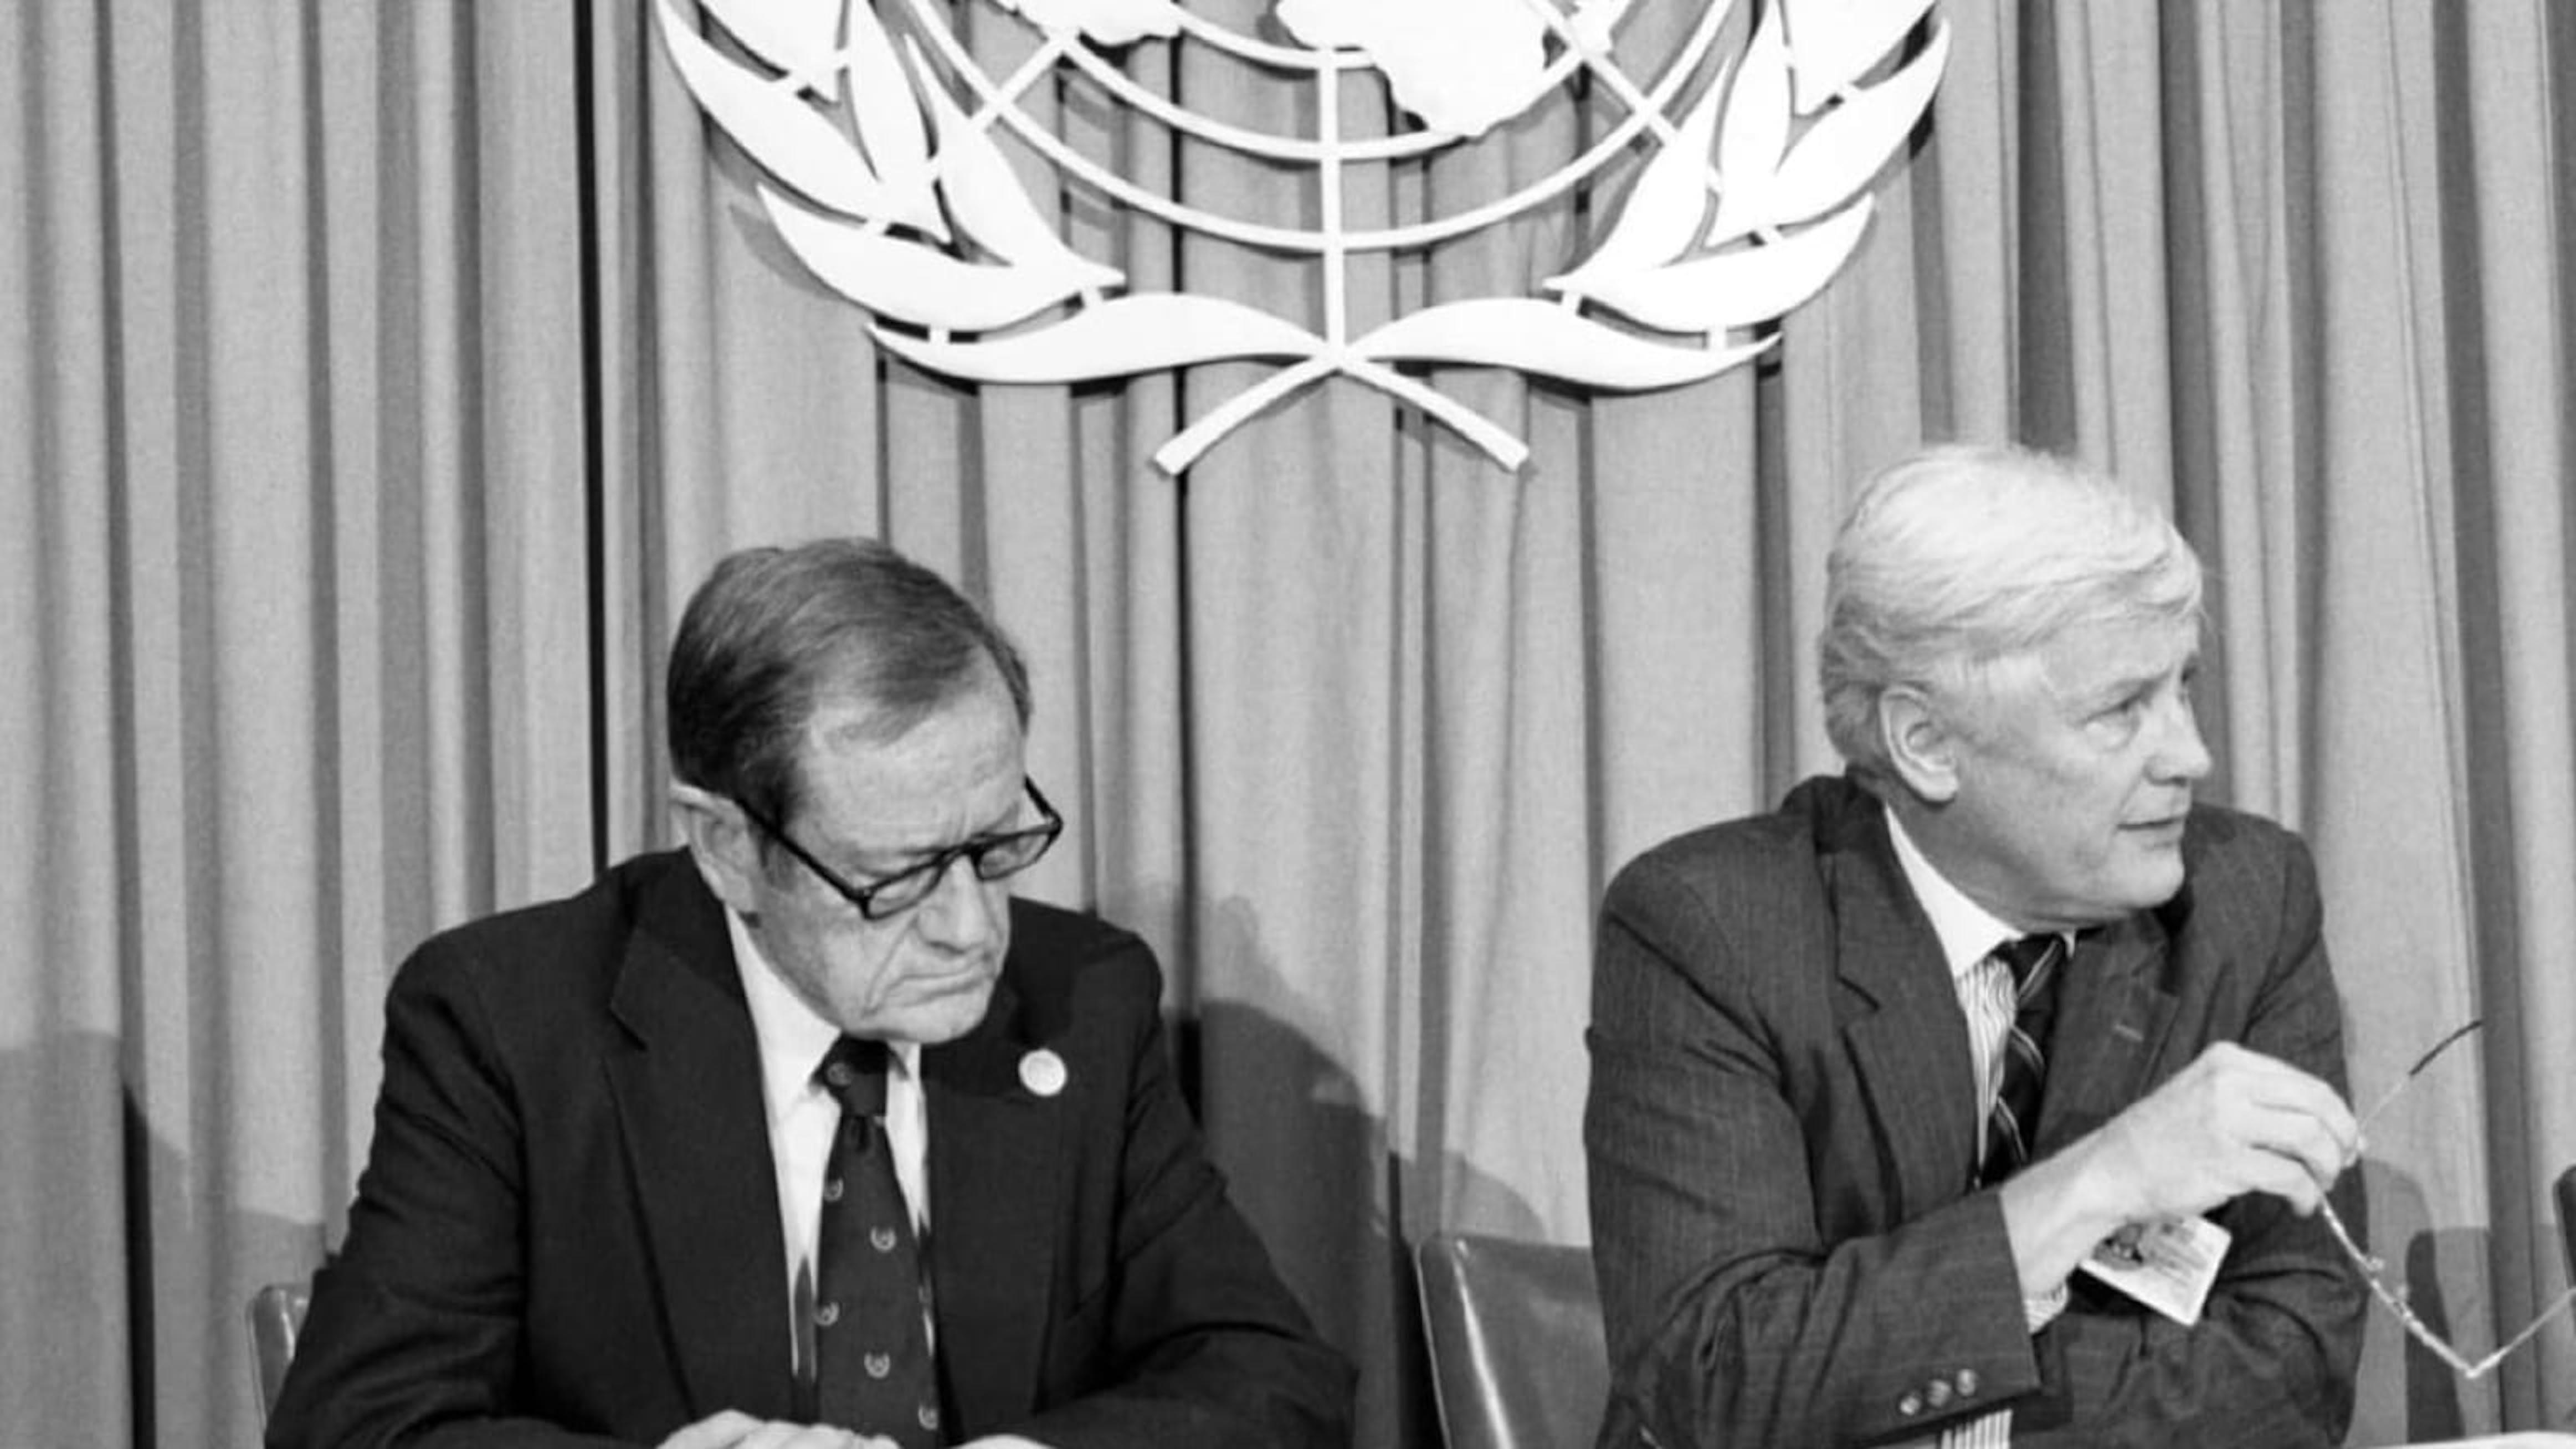 Il presidente dell'UNICEF firma la Convenzione sui diritti dei bambini